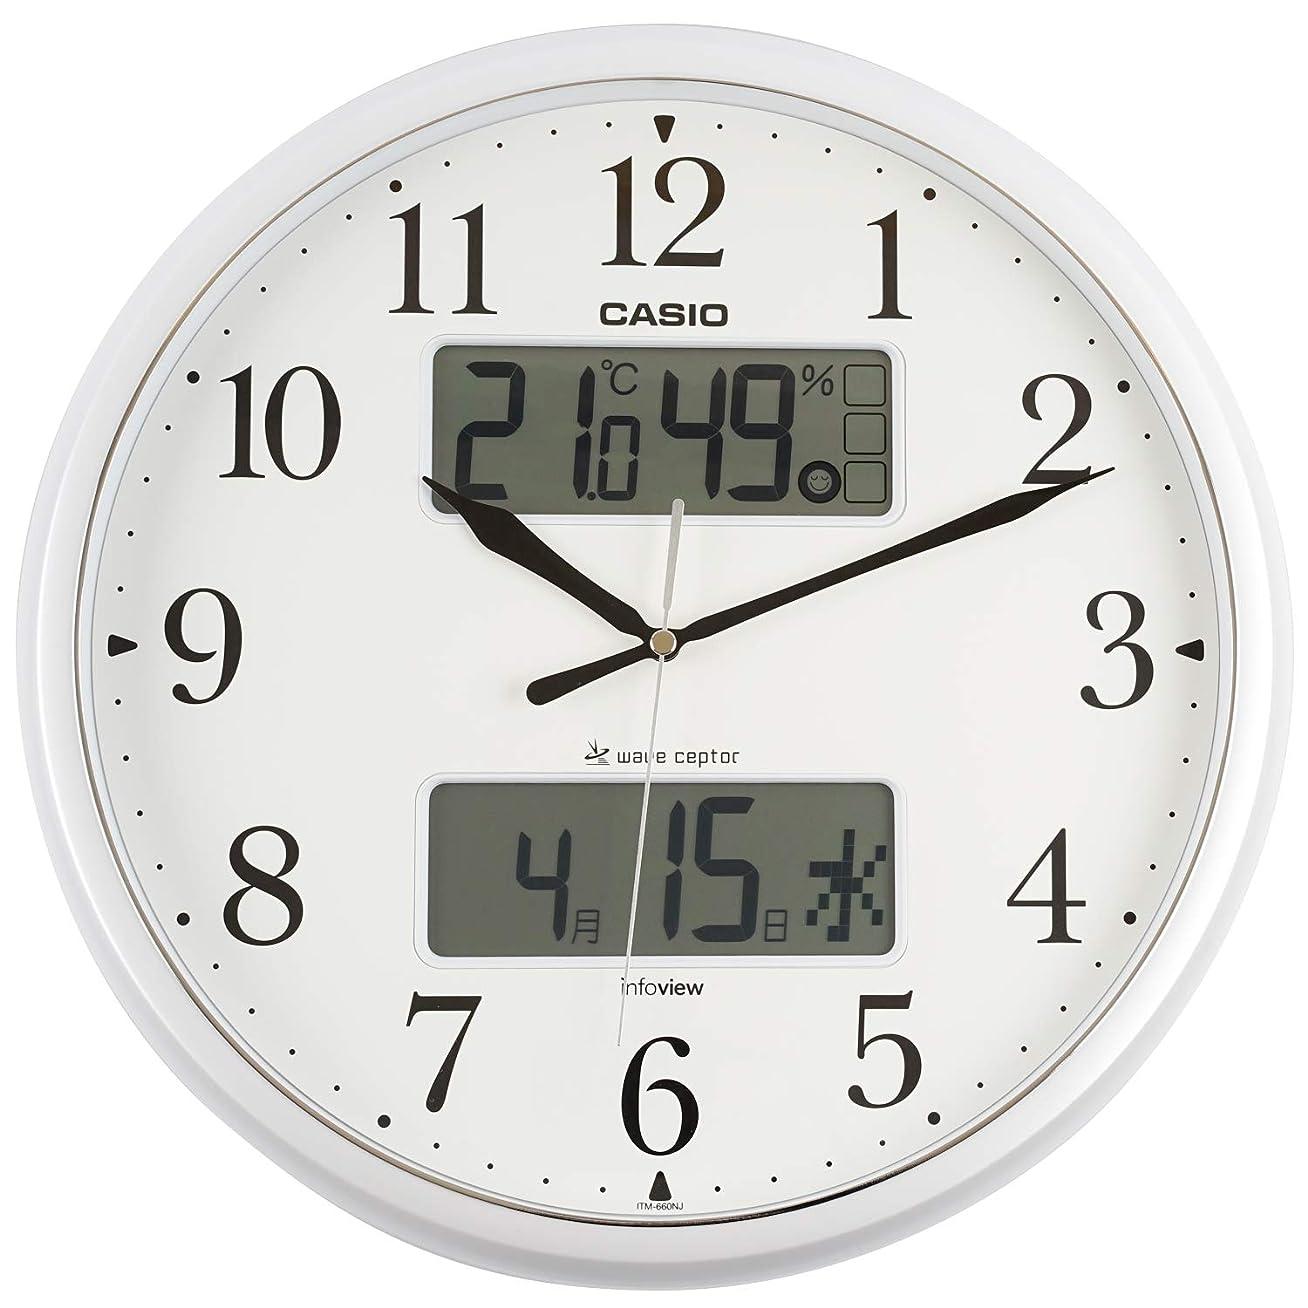 スピン演劇なんでもCASIO(カシオ) 掛け時計 電波 シルバー 直径35cm アナログ 常時点灯 生活環境 温度 湿度 カレンダー 表示 ITM-660NJ-8JF